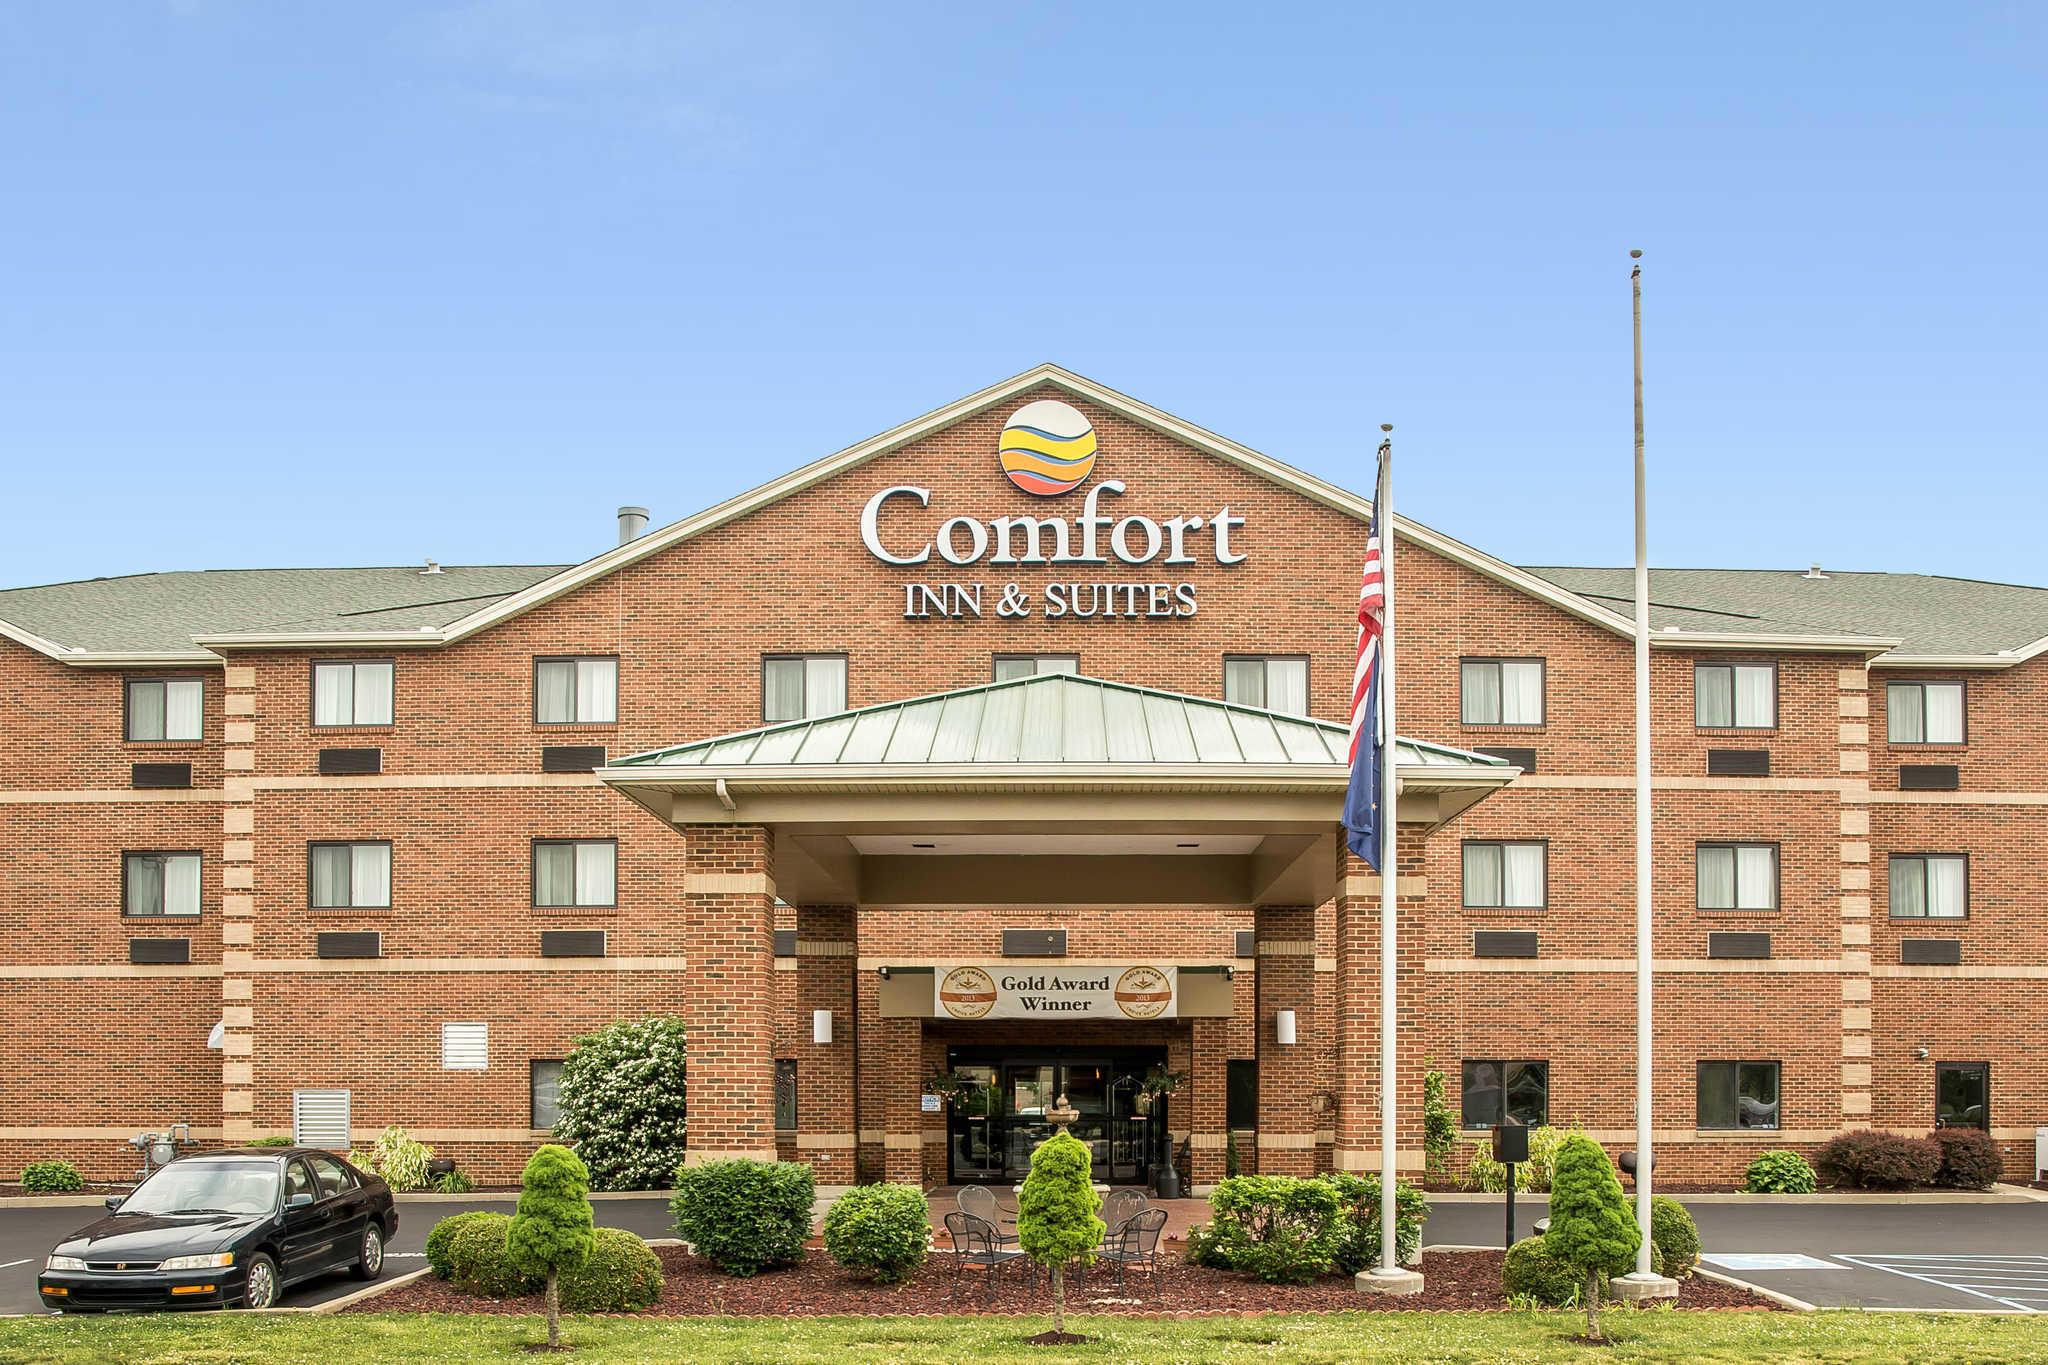 Comfort Inn image 0